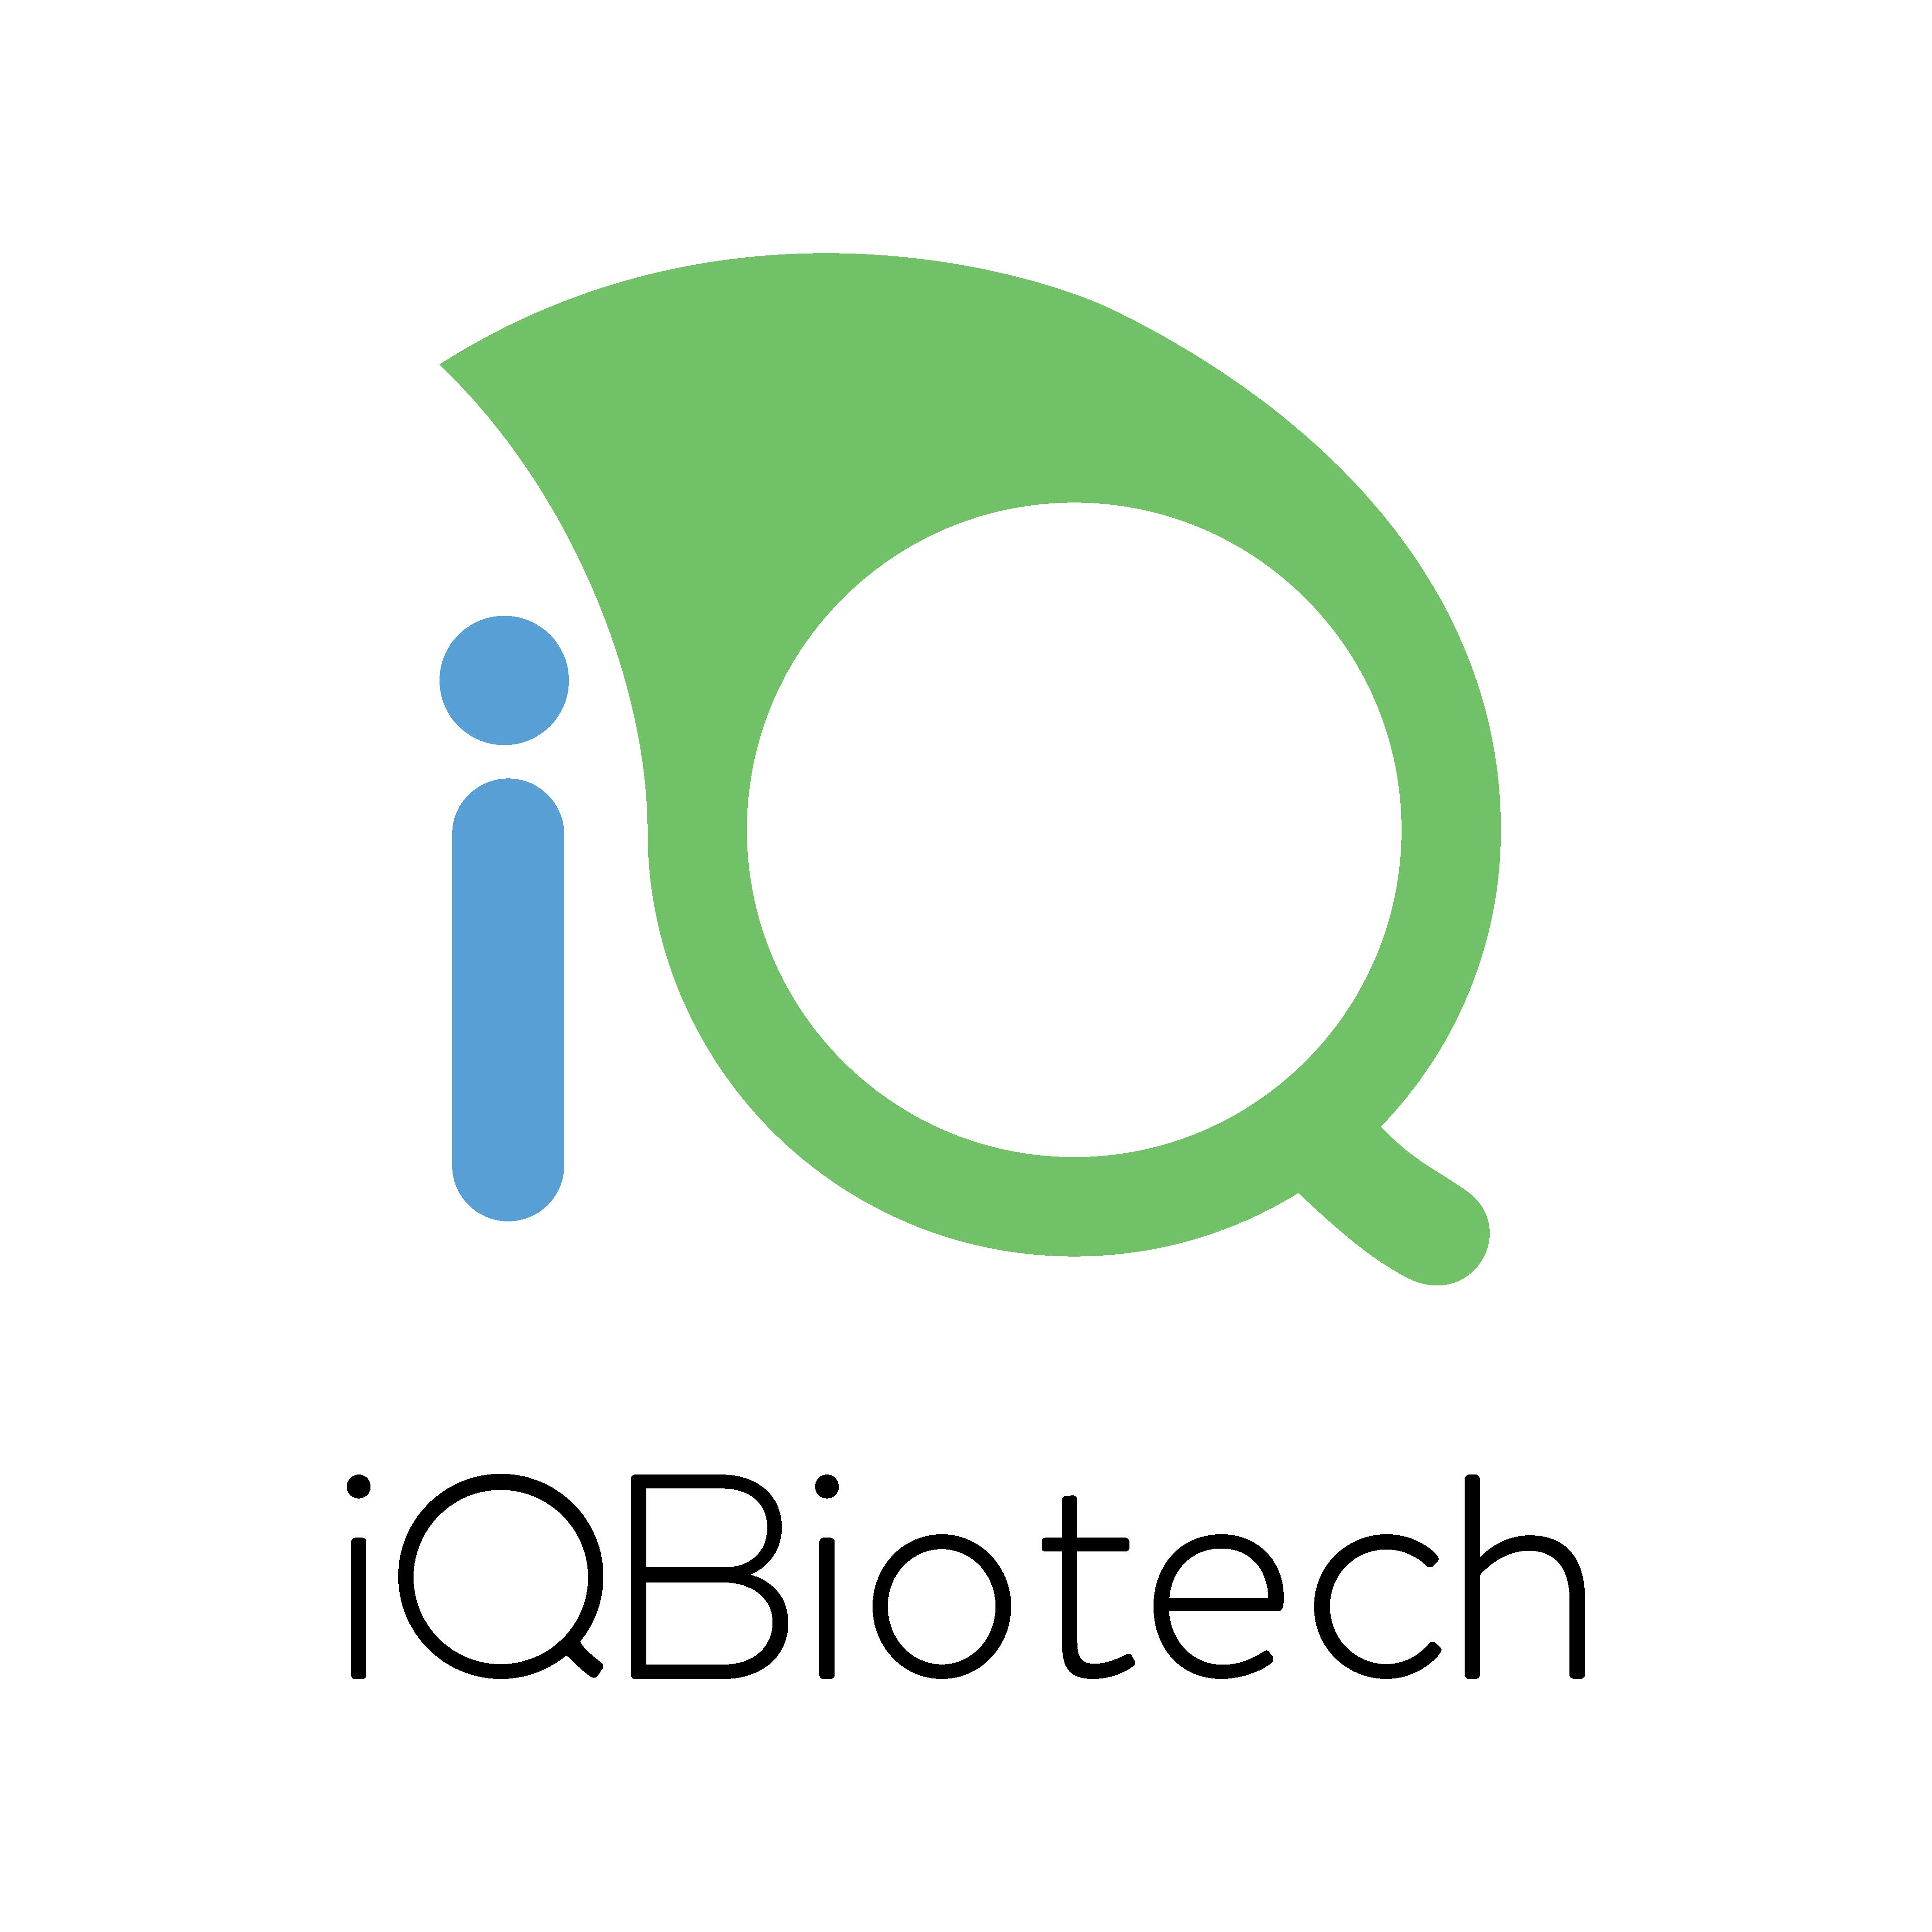 iQBiotech